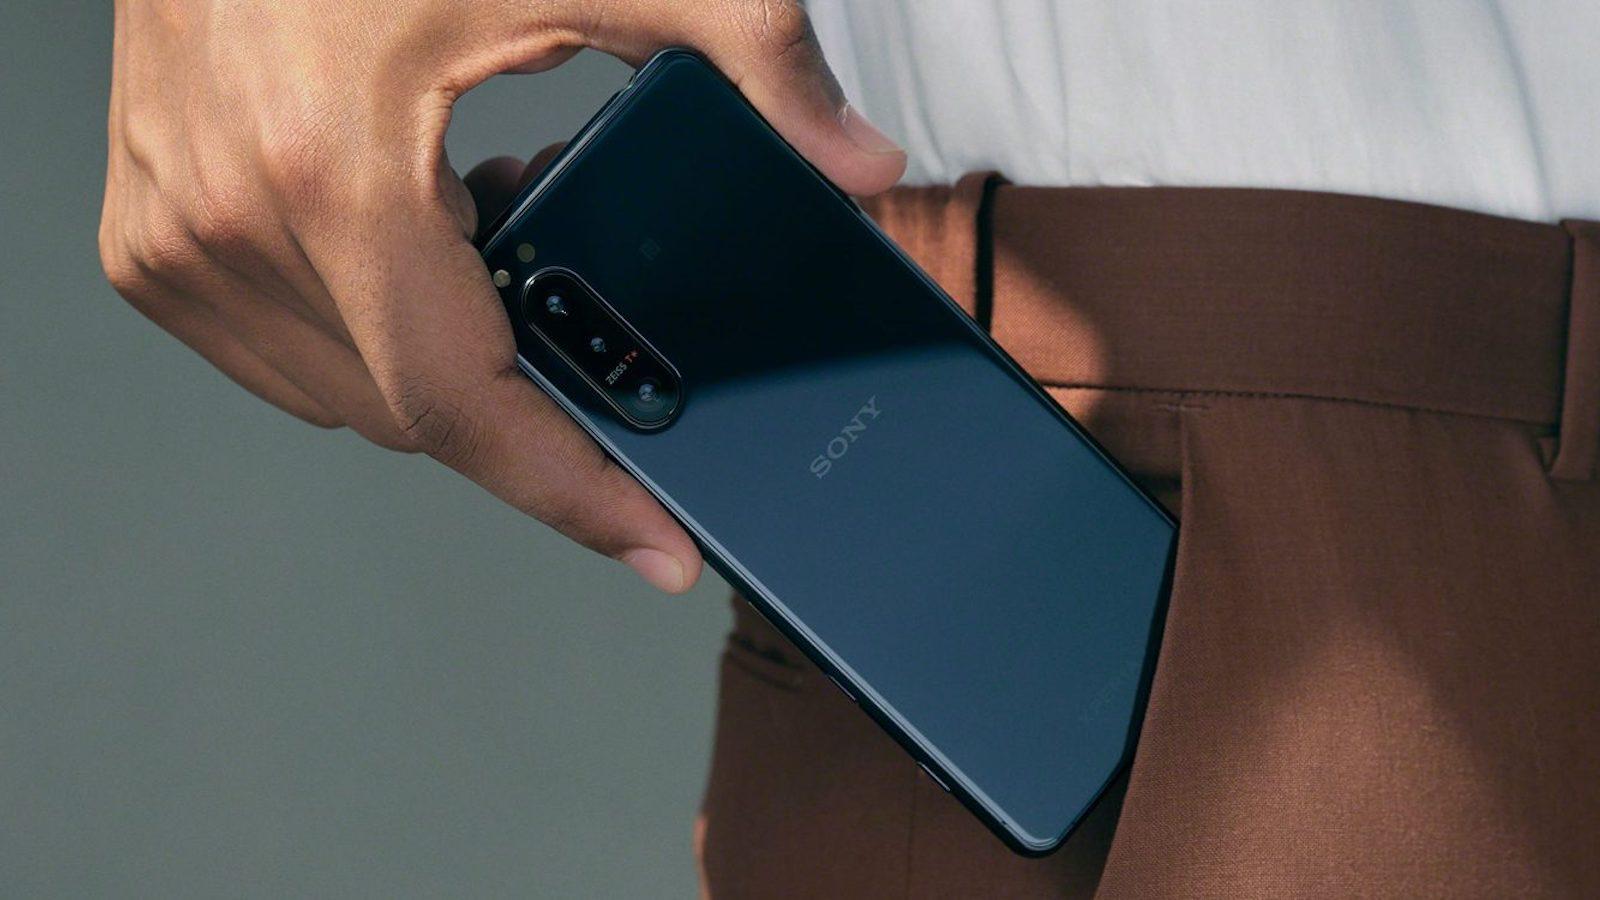 Sony Xperia 5 II OLED phone